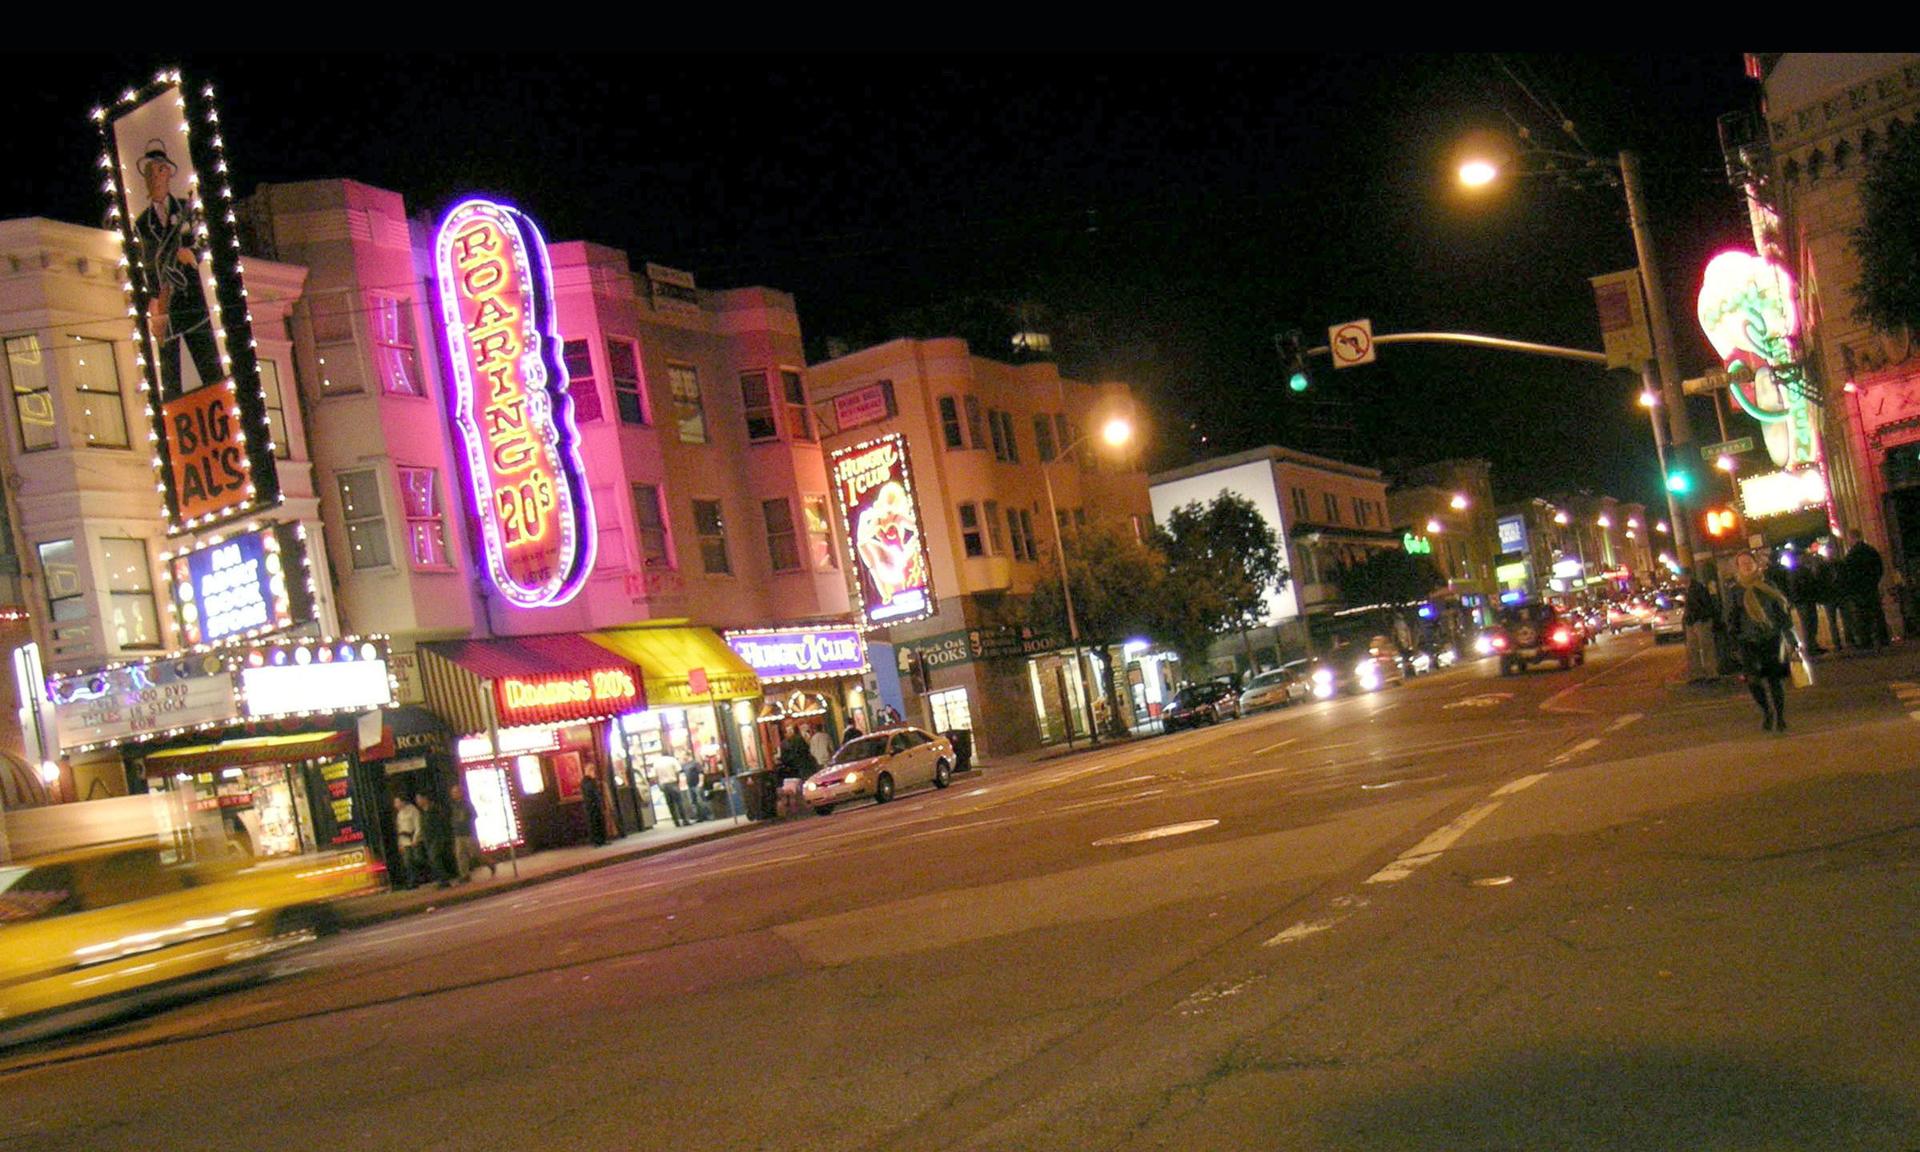 Broadway, S.F. by Nobuhito Tanaka